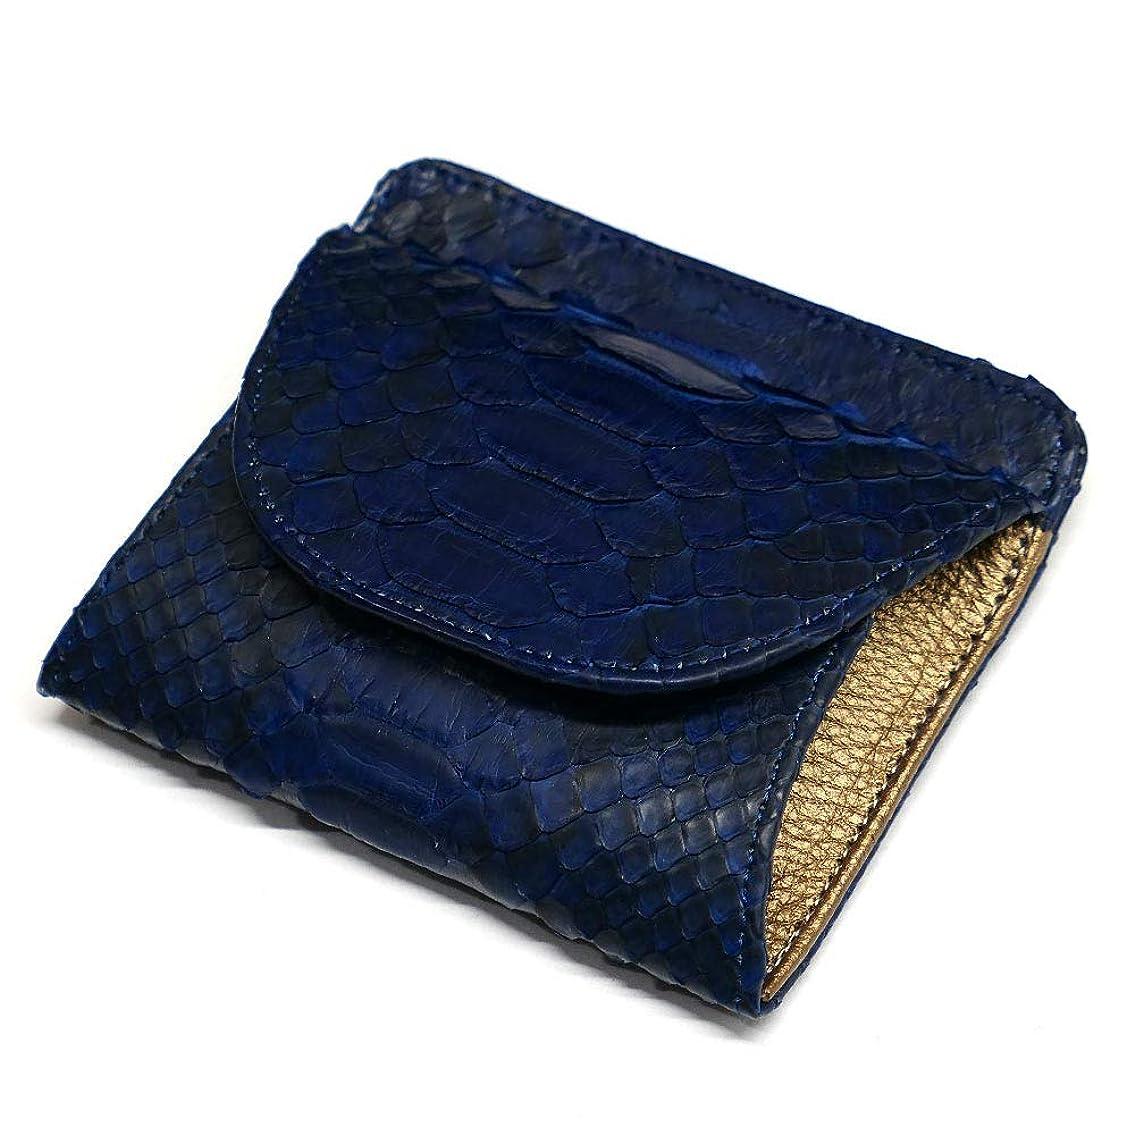 低いさようなら押すAIZOME-PY1000-2 パイソン ヘビ革 本革 財布 札入れ 封筒型 ボックス小銭入れ付 藍染 2